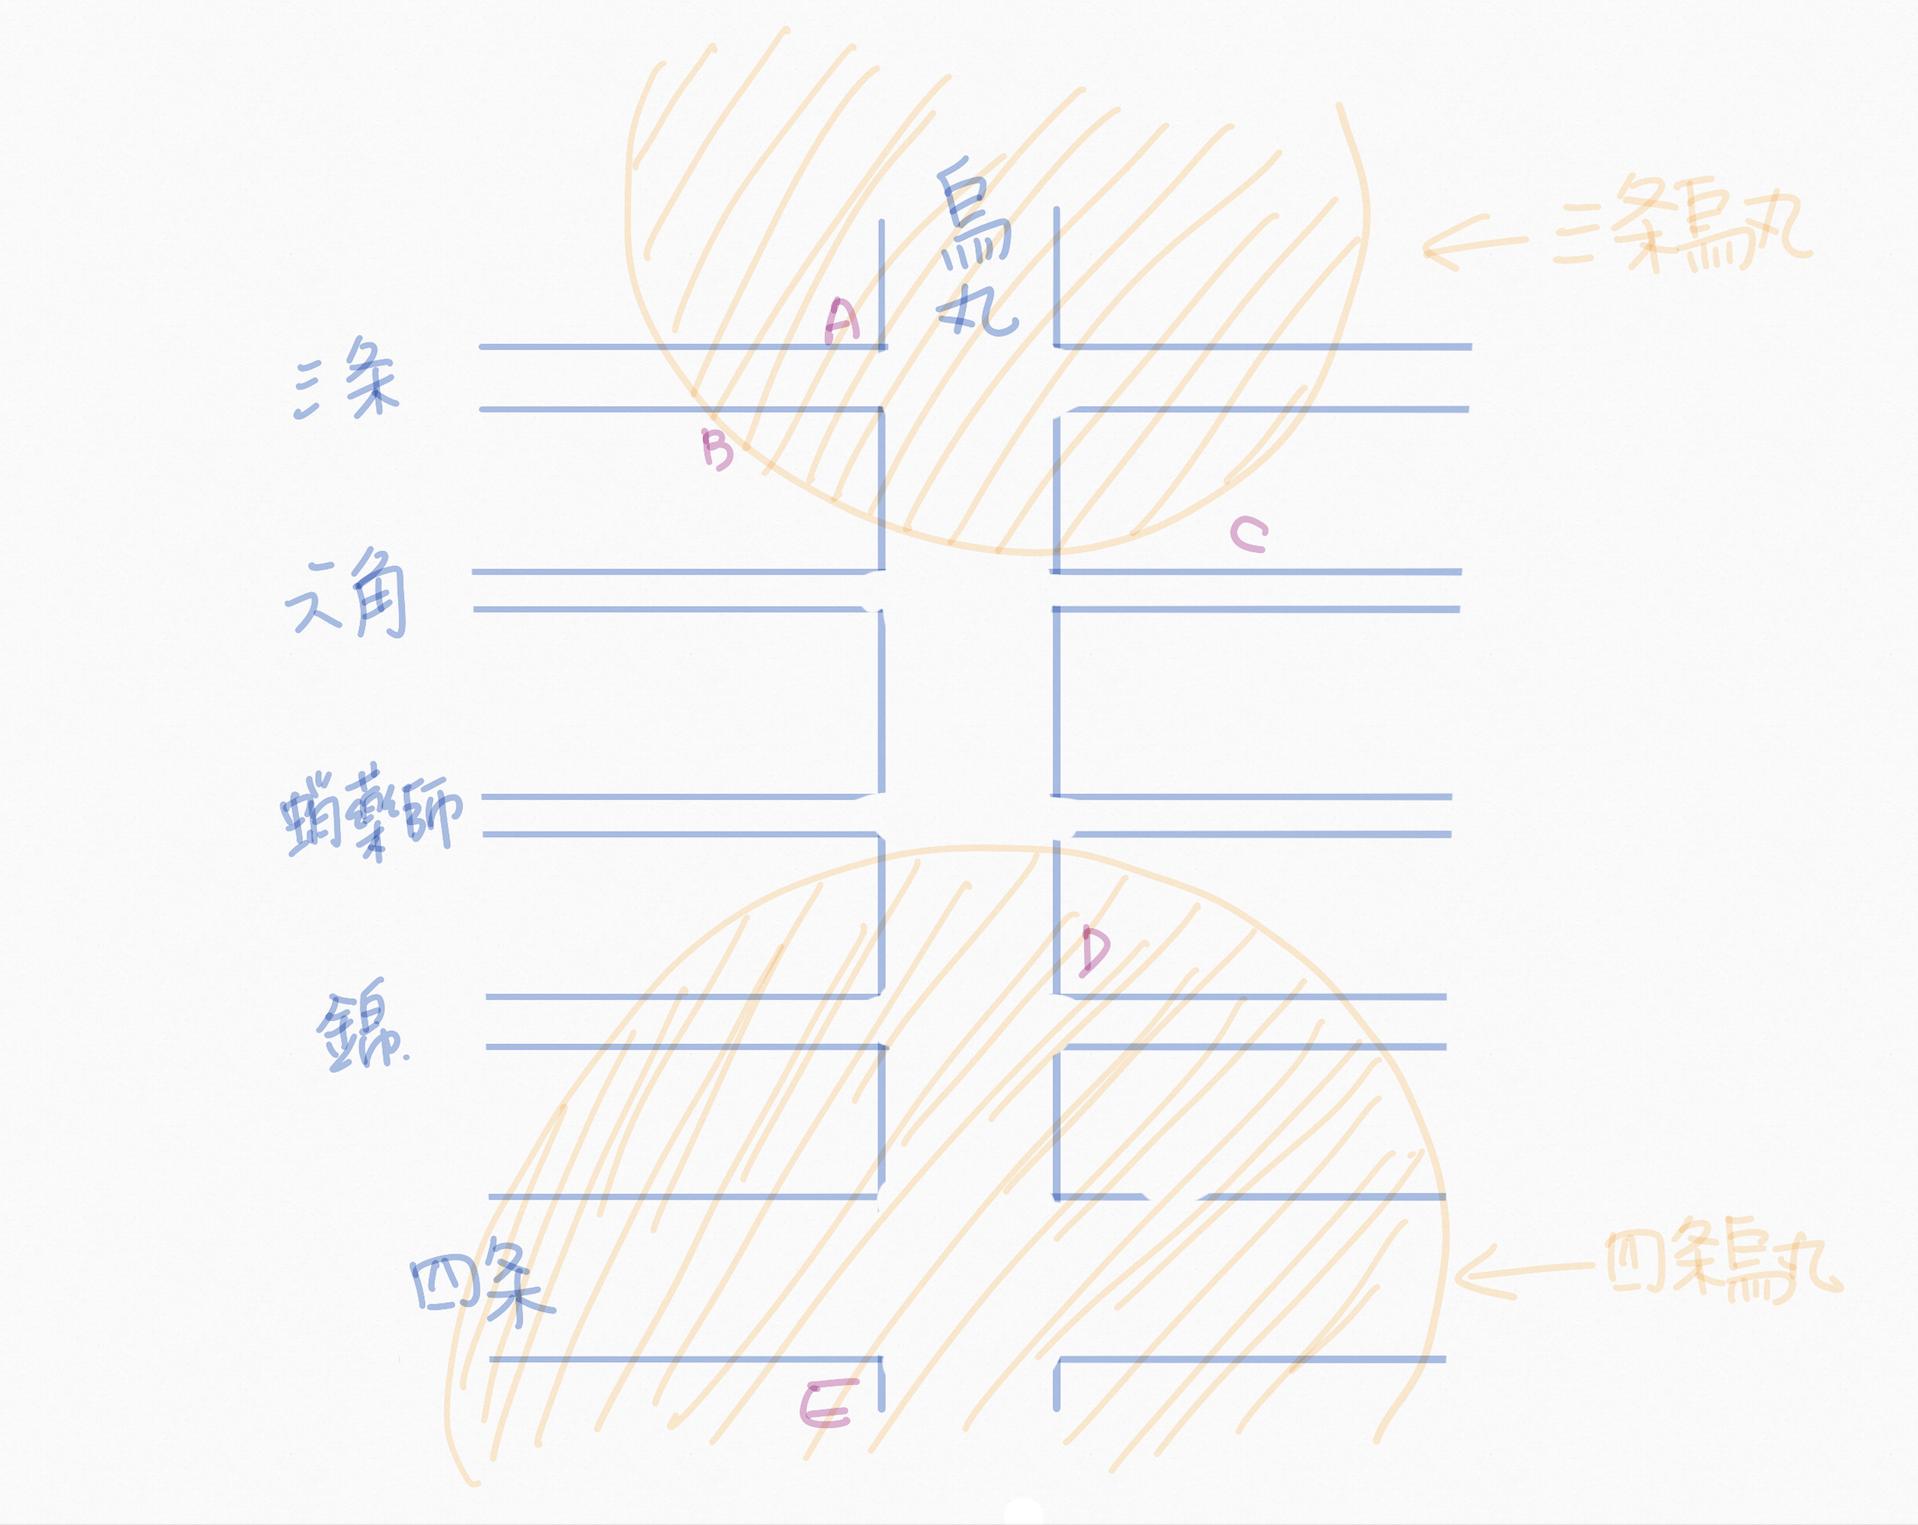 小王子 - Magazine cover